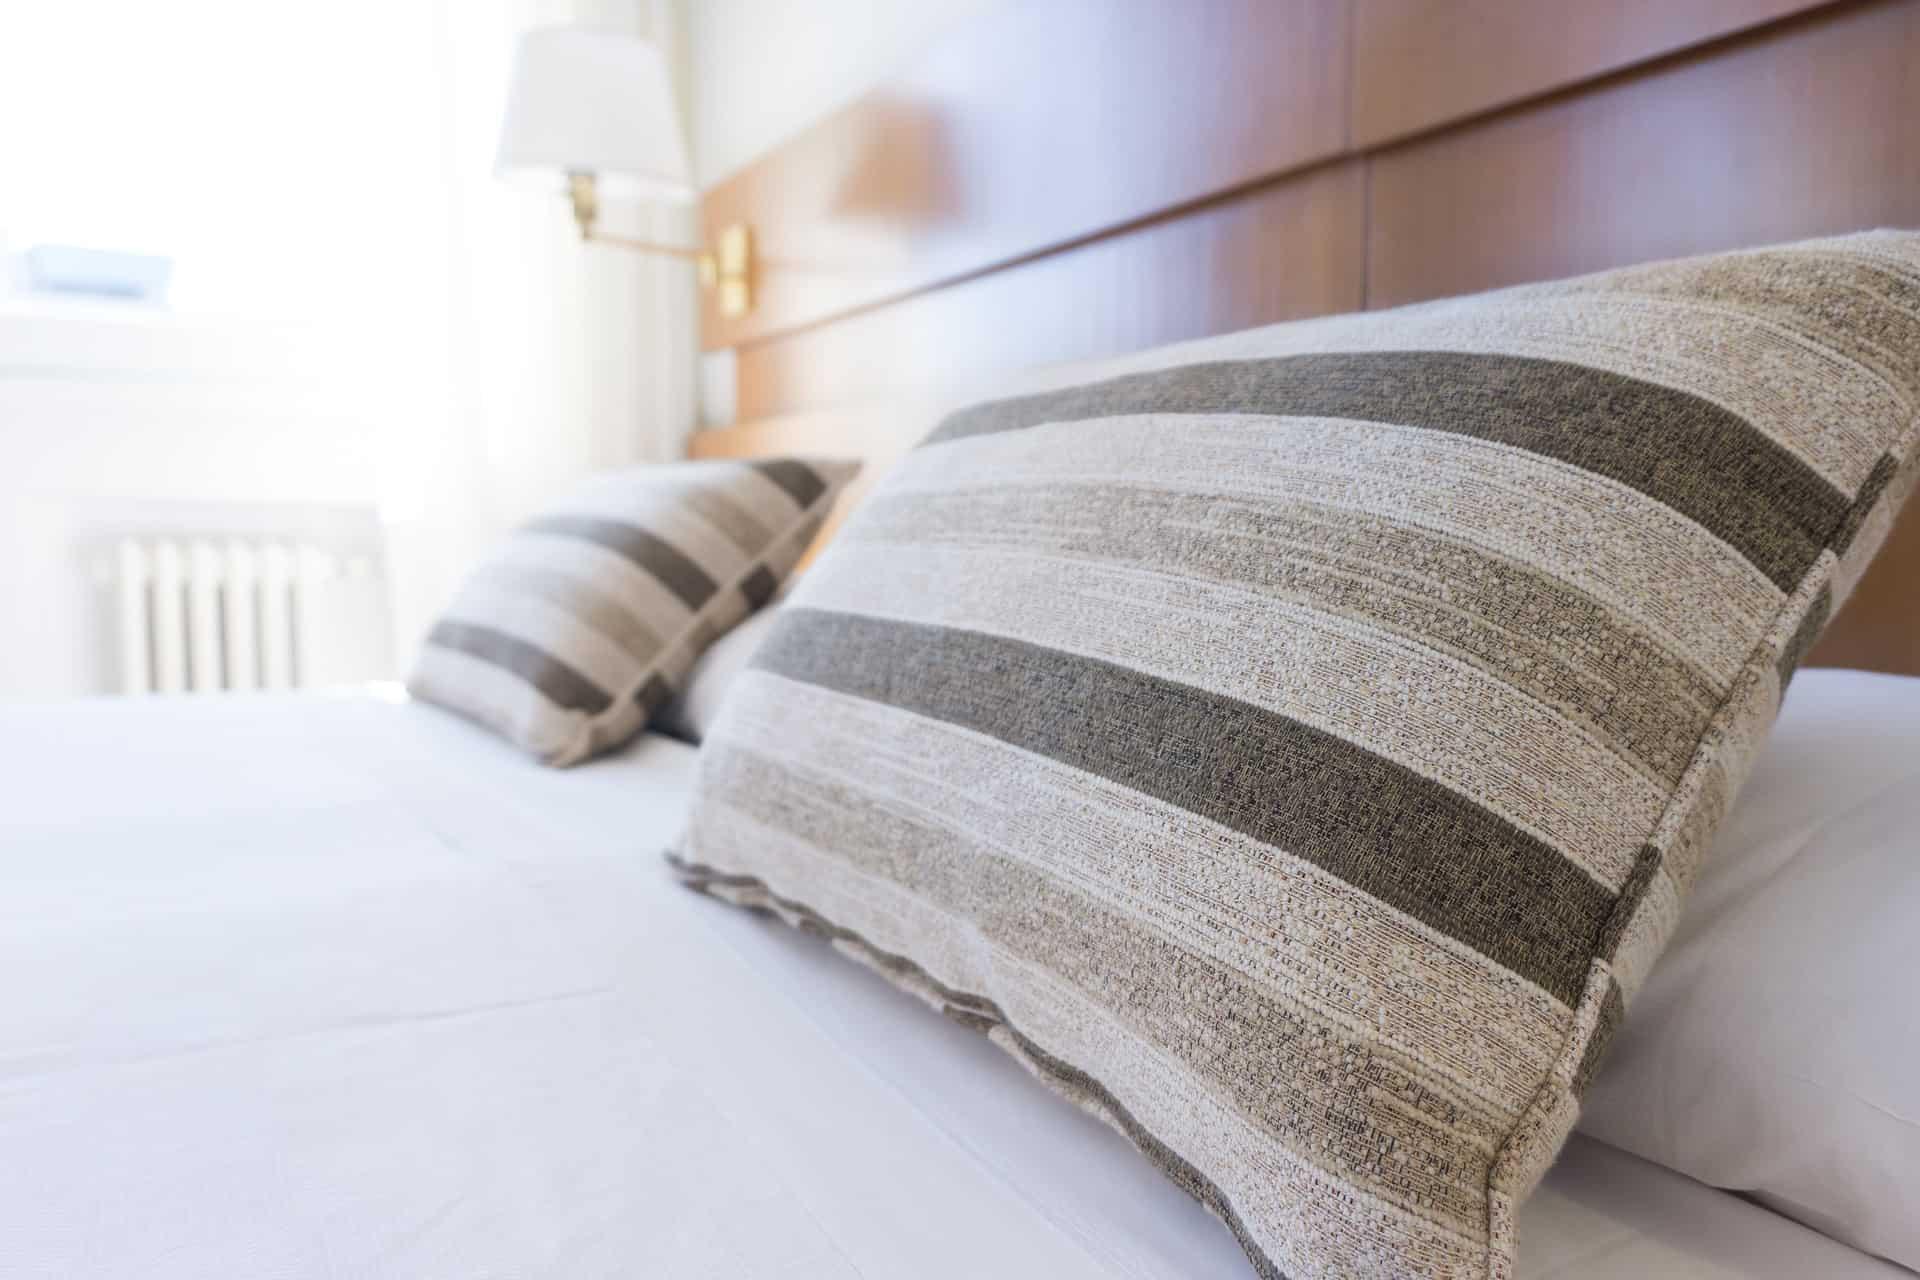 Imagem de almofadas sobre a cama.